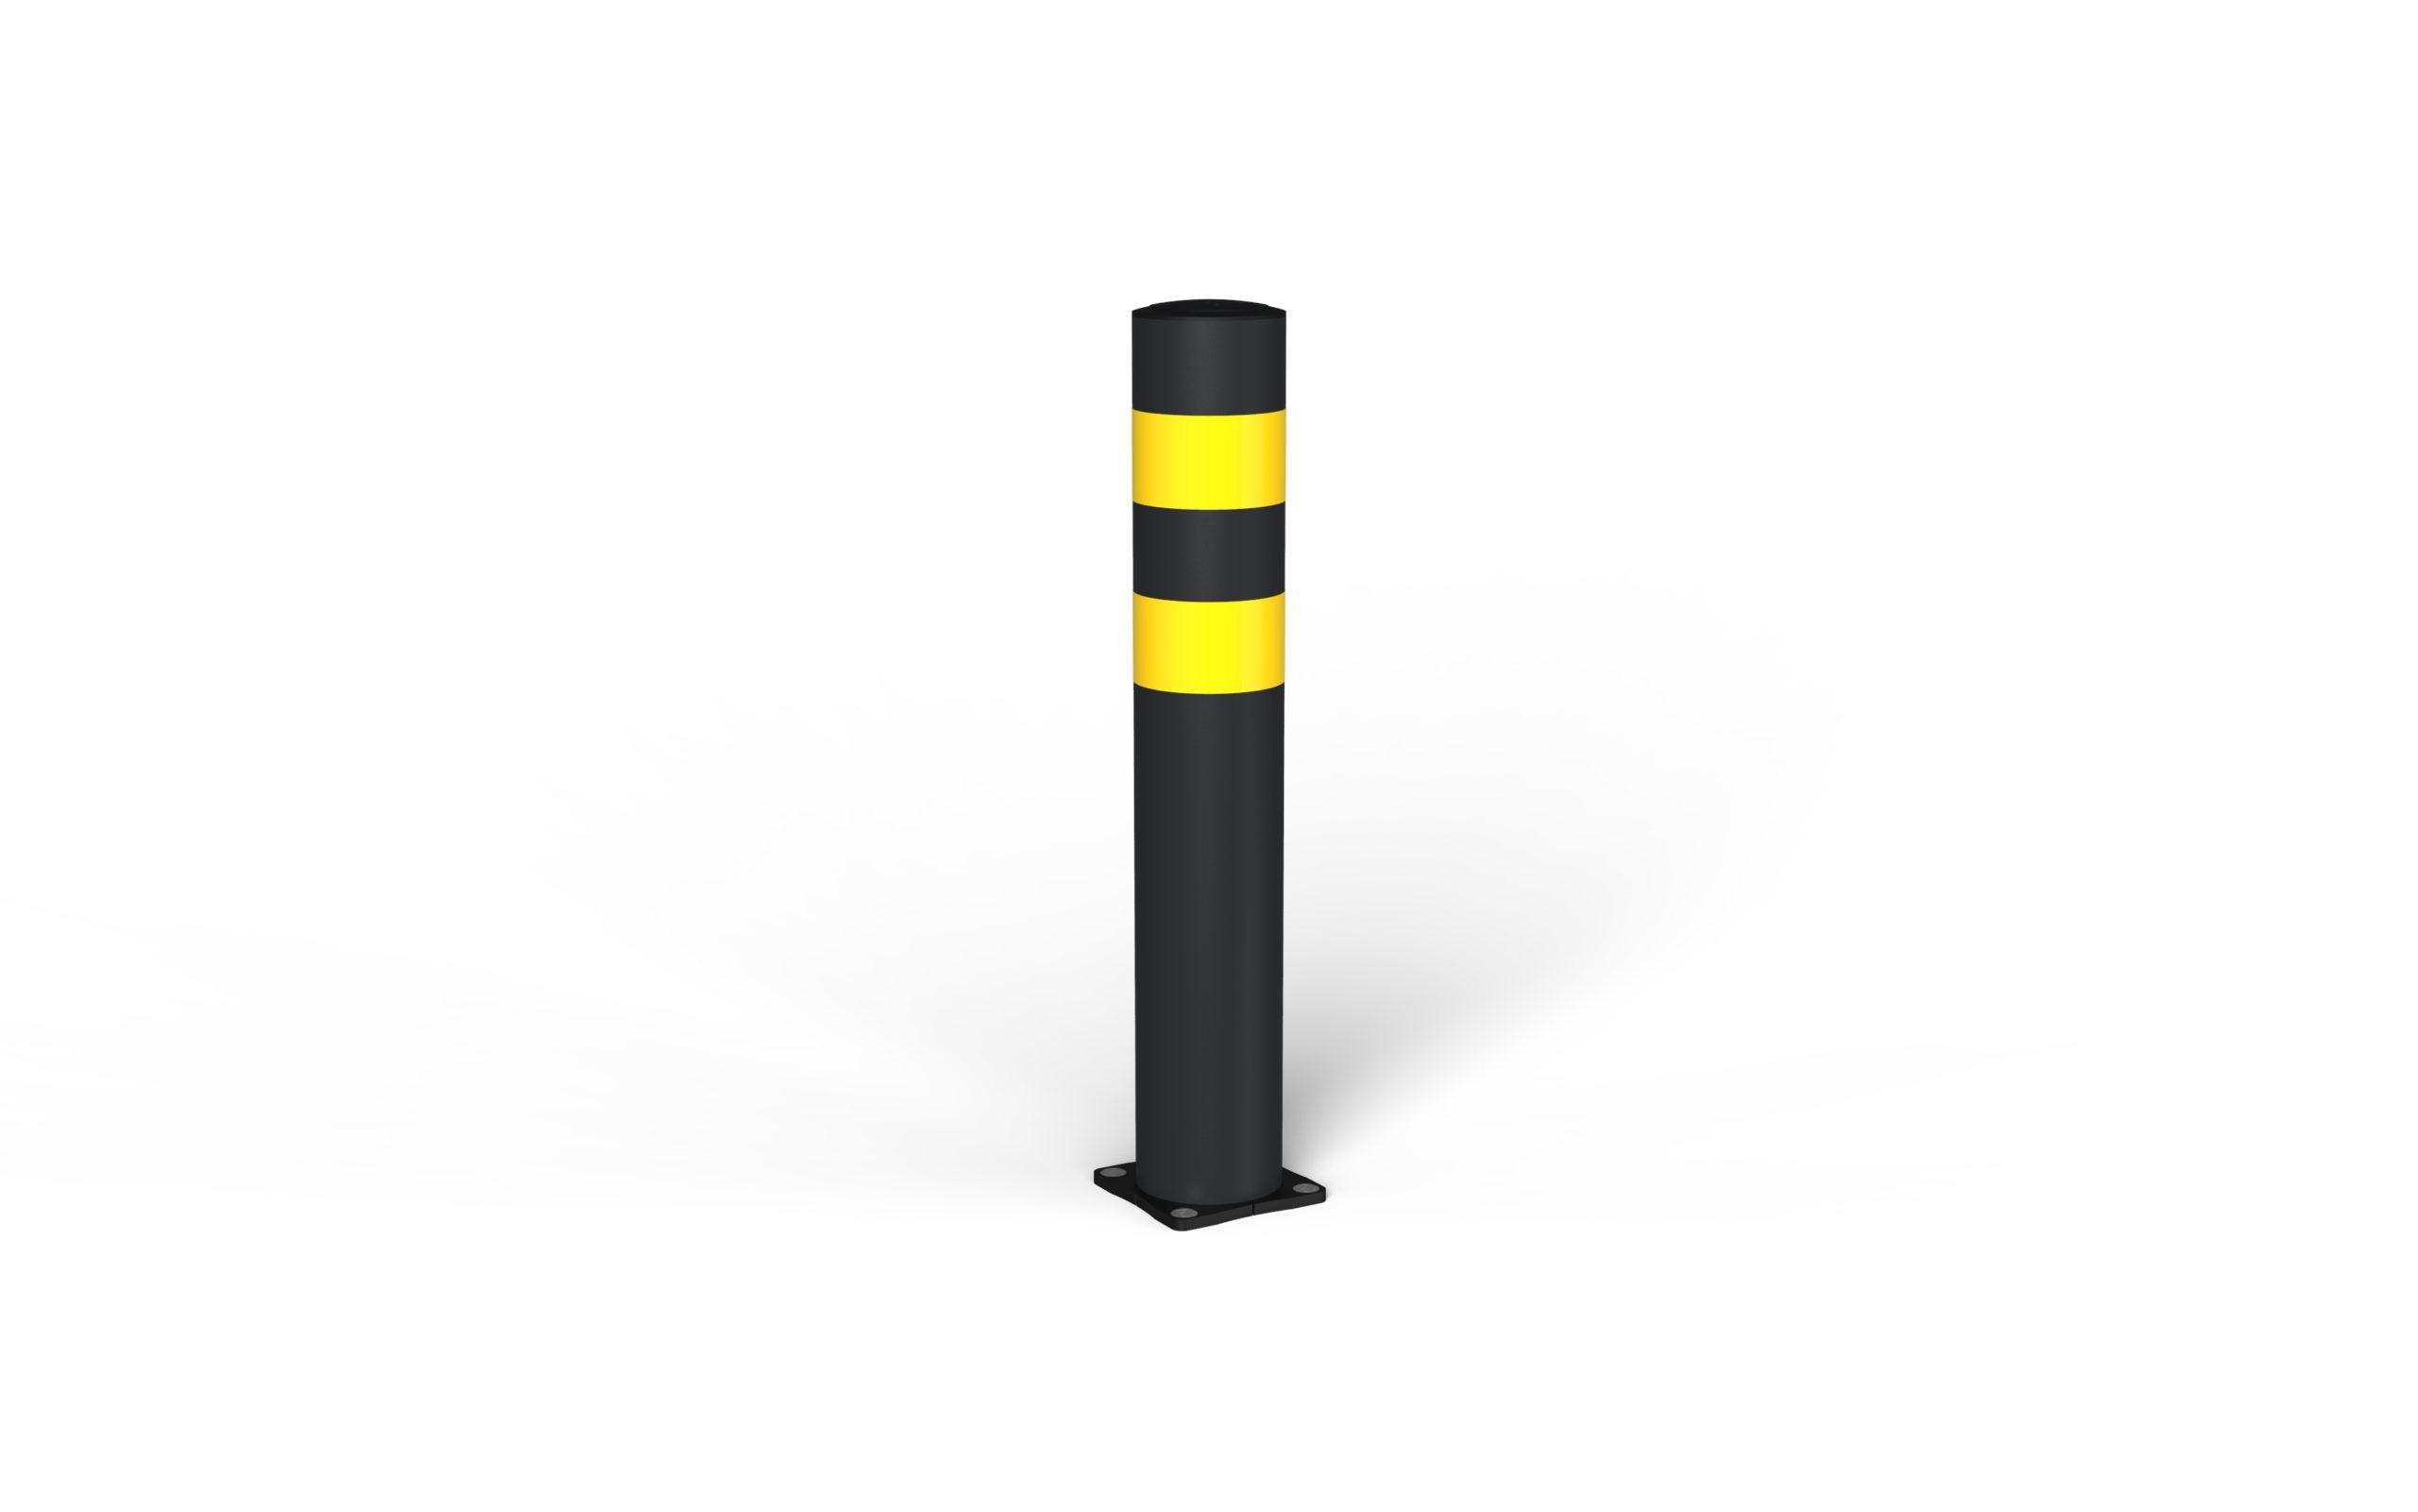 Schutzpoller boplan® BO Light Ø125 – Höhe 750 mm – schwarz/gelb – verzinkte Bodenplatte